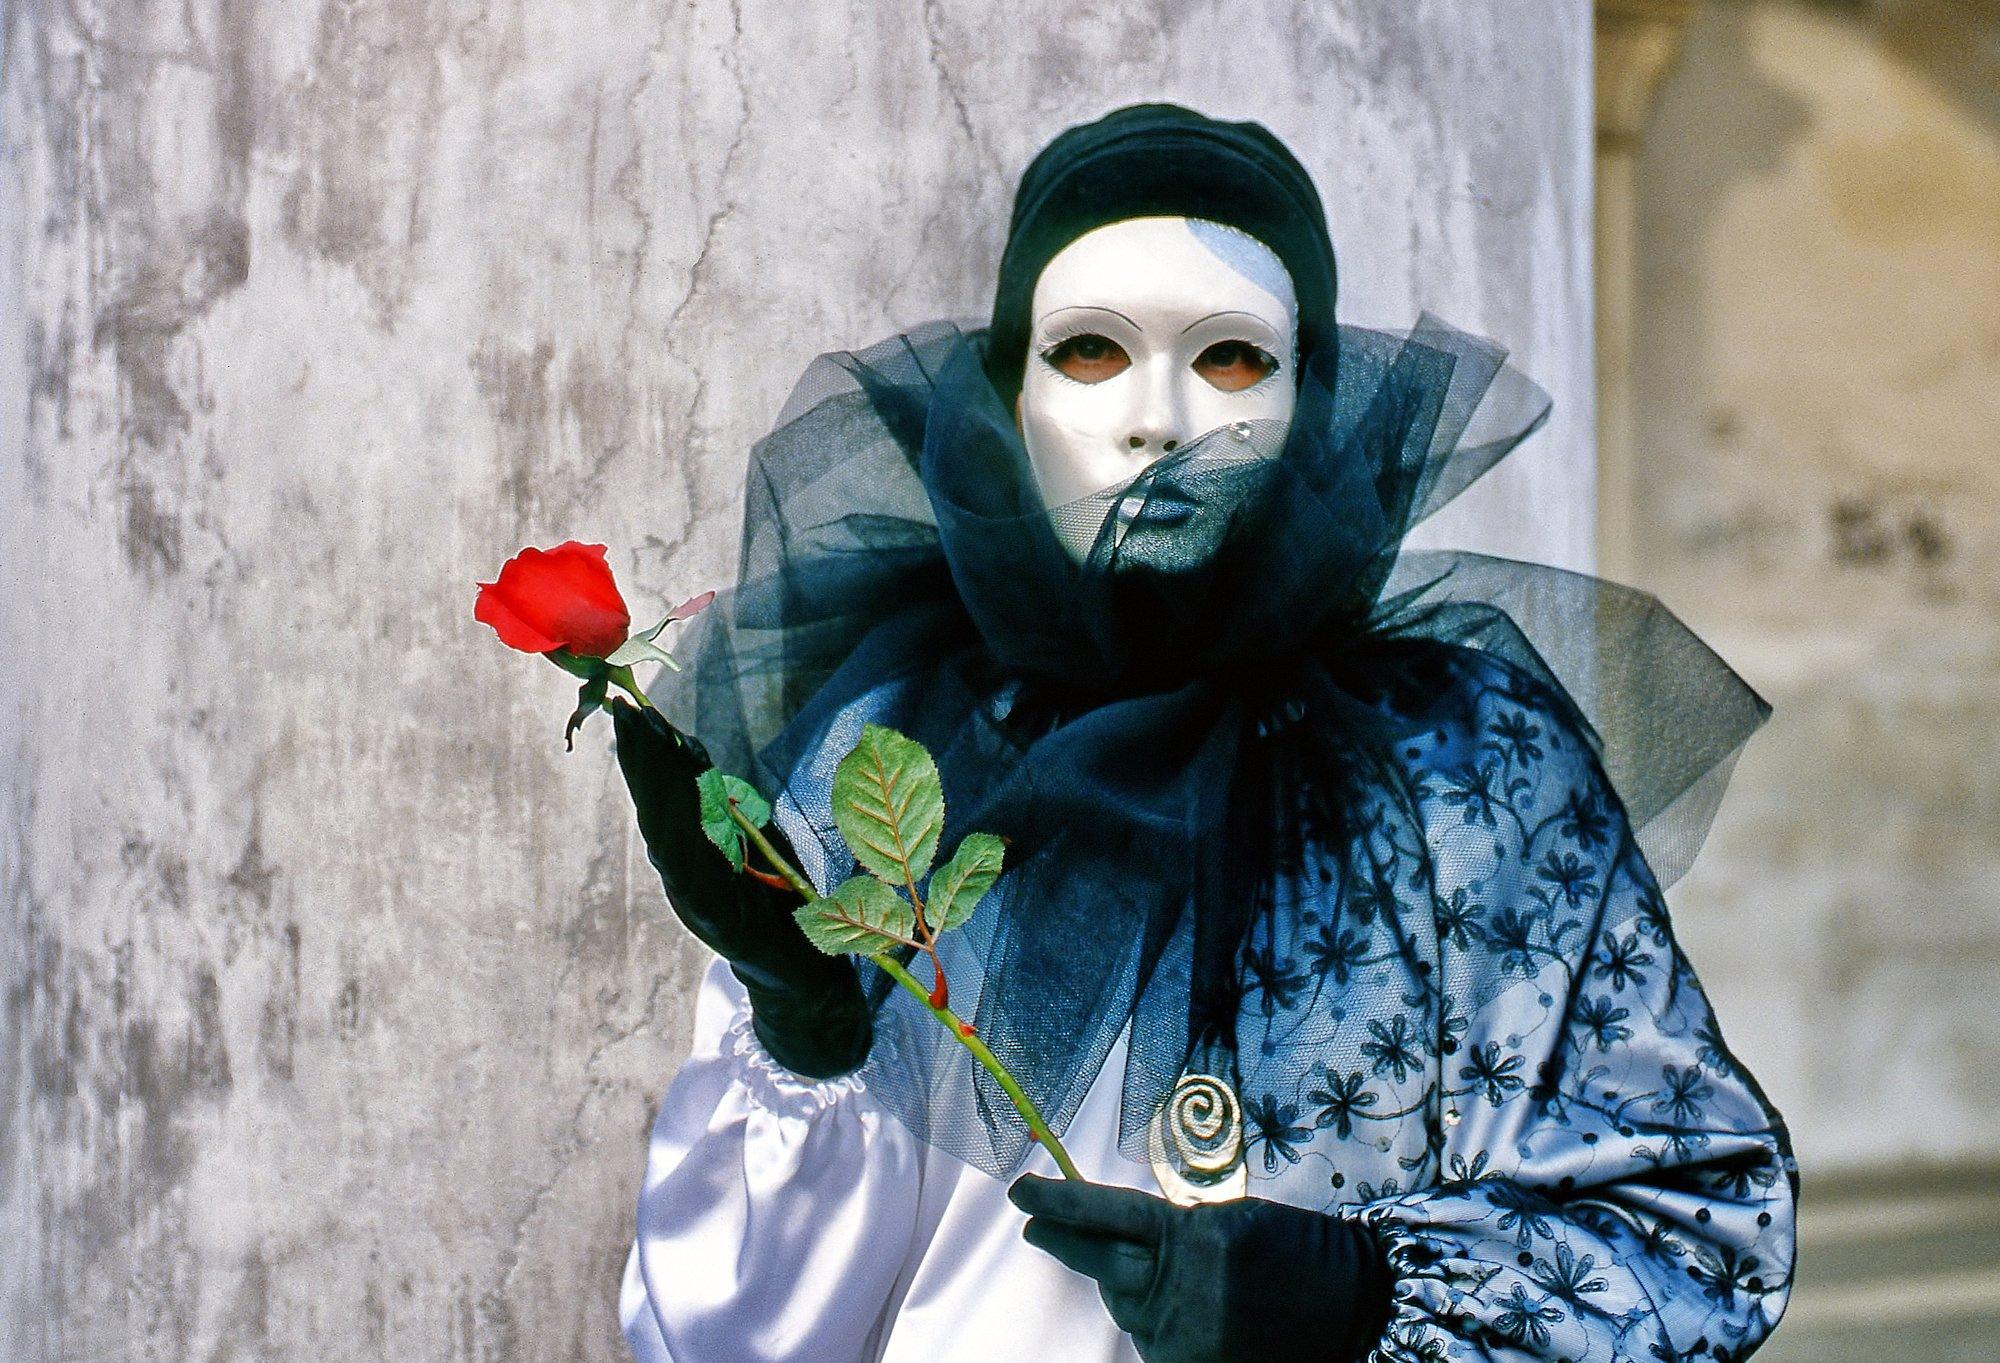 Maschera,rosa,velo,bianco,ritratto,rosso, paologr63